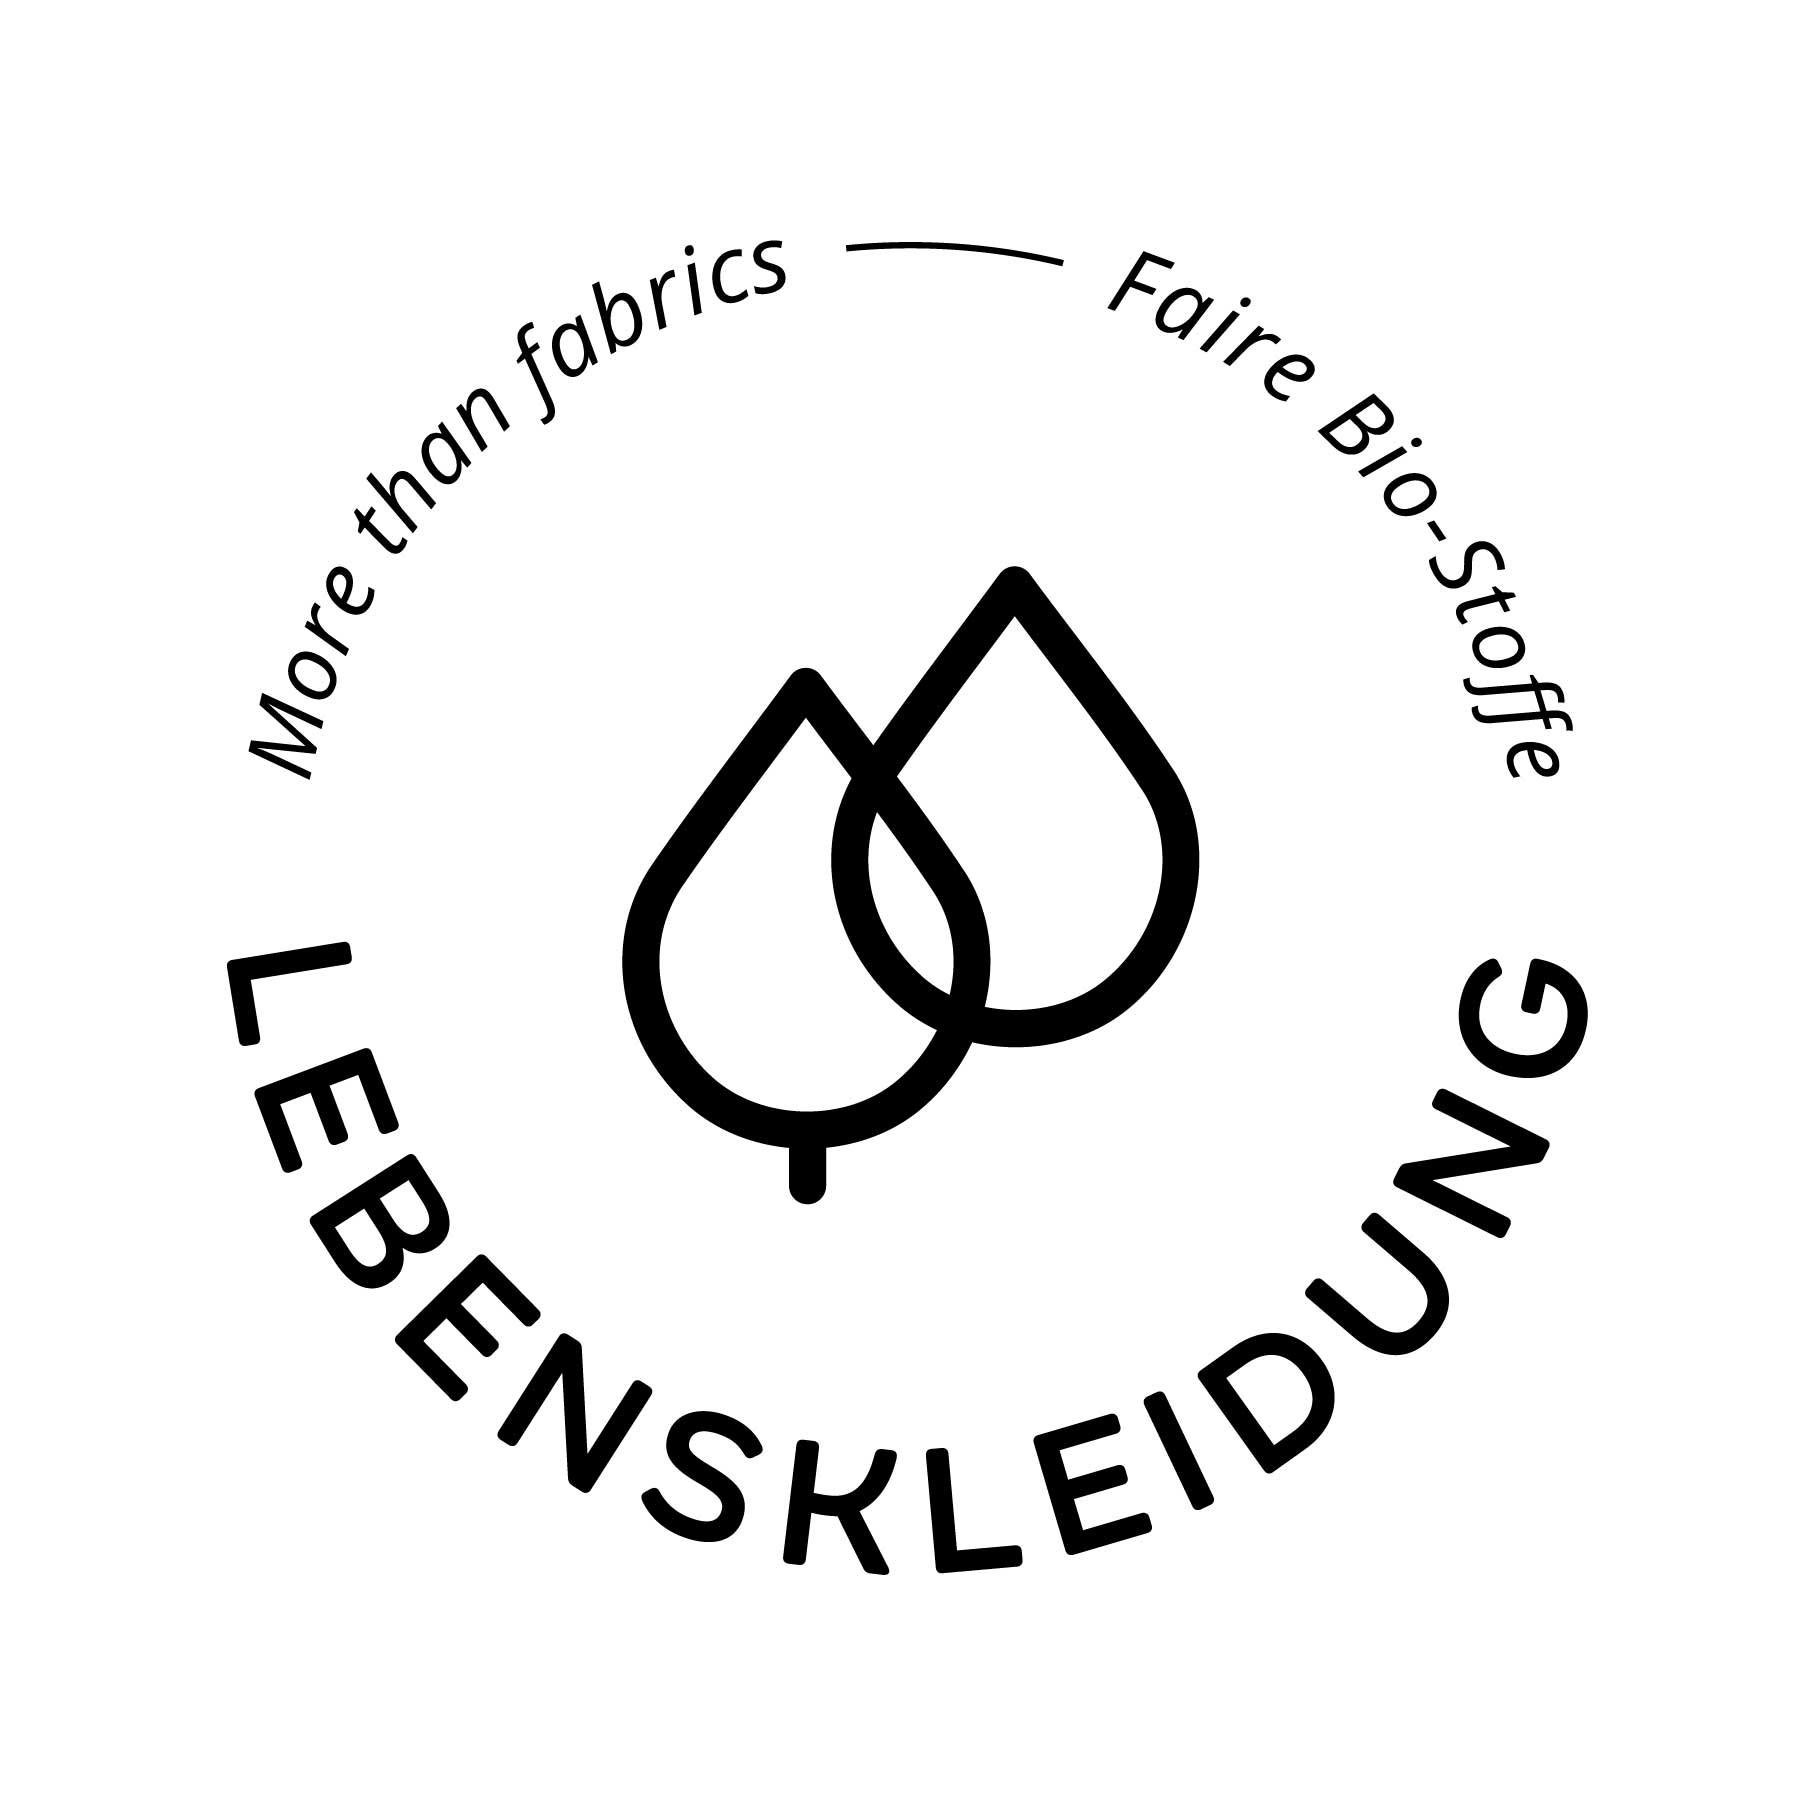 Tessuti organici Elastico - 59% Bio Baumwolle 41% Naturkautschuk -  adatto per tessuti leggeri e di peso medio - 9,5 mm -  Ecru  - 100 Metros